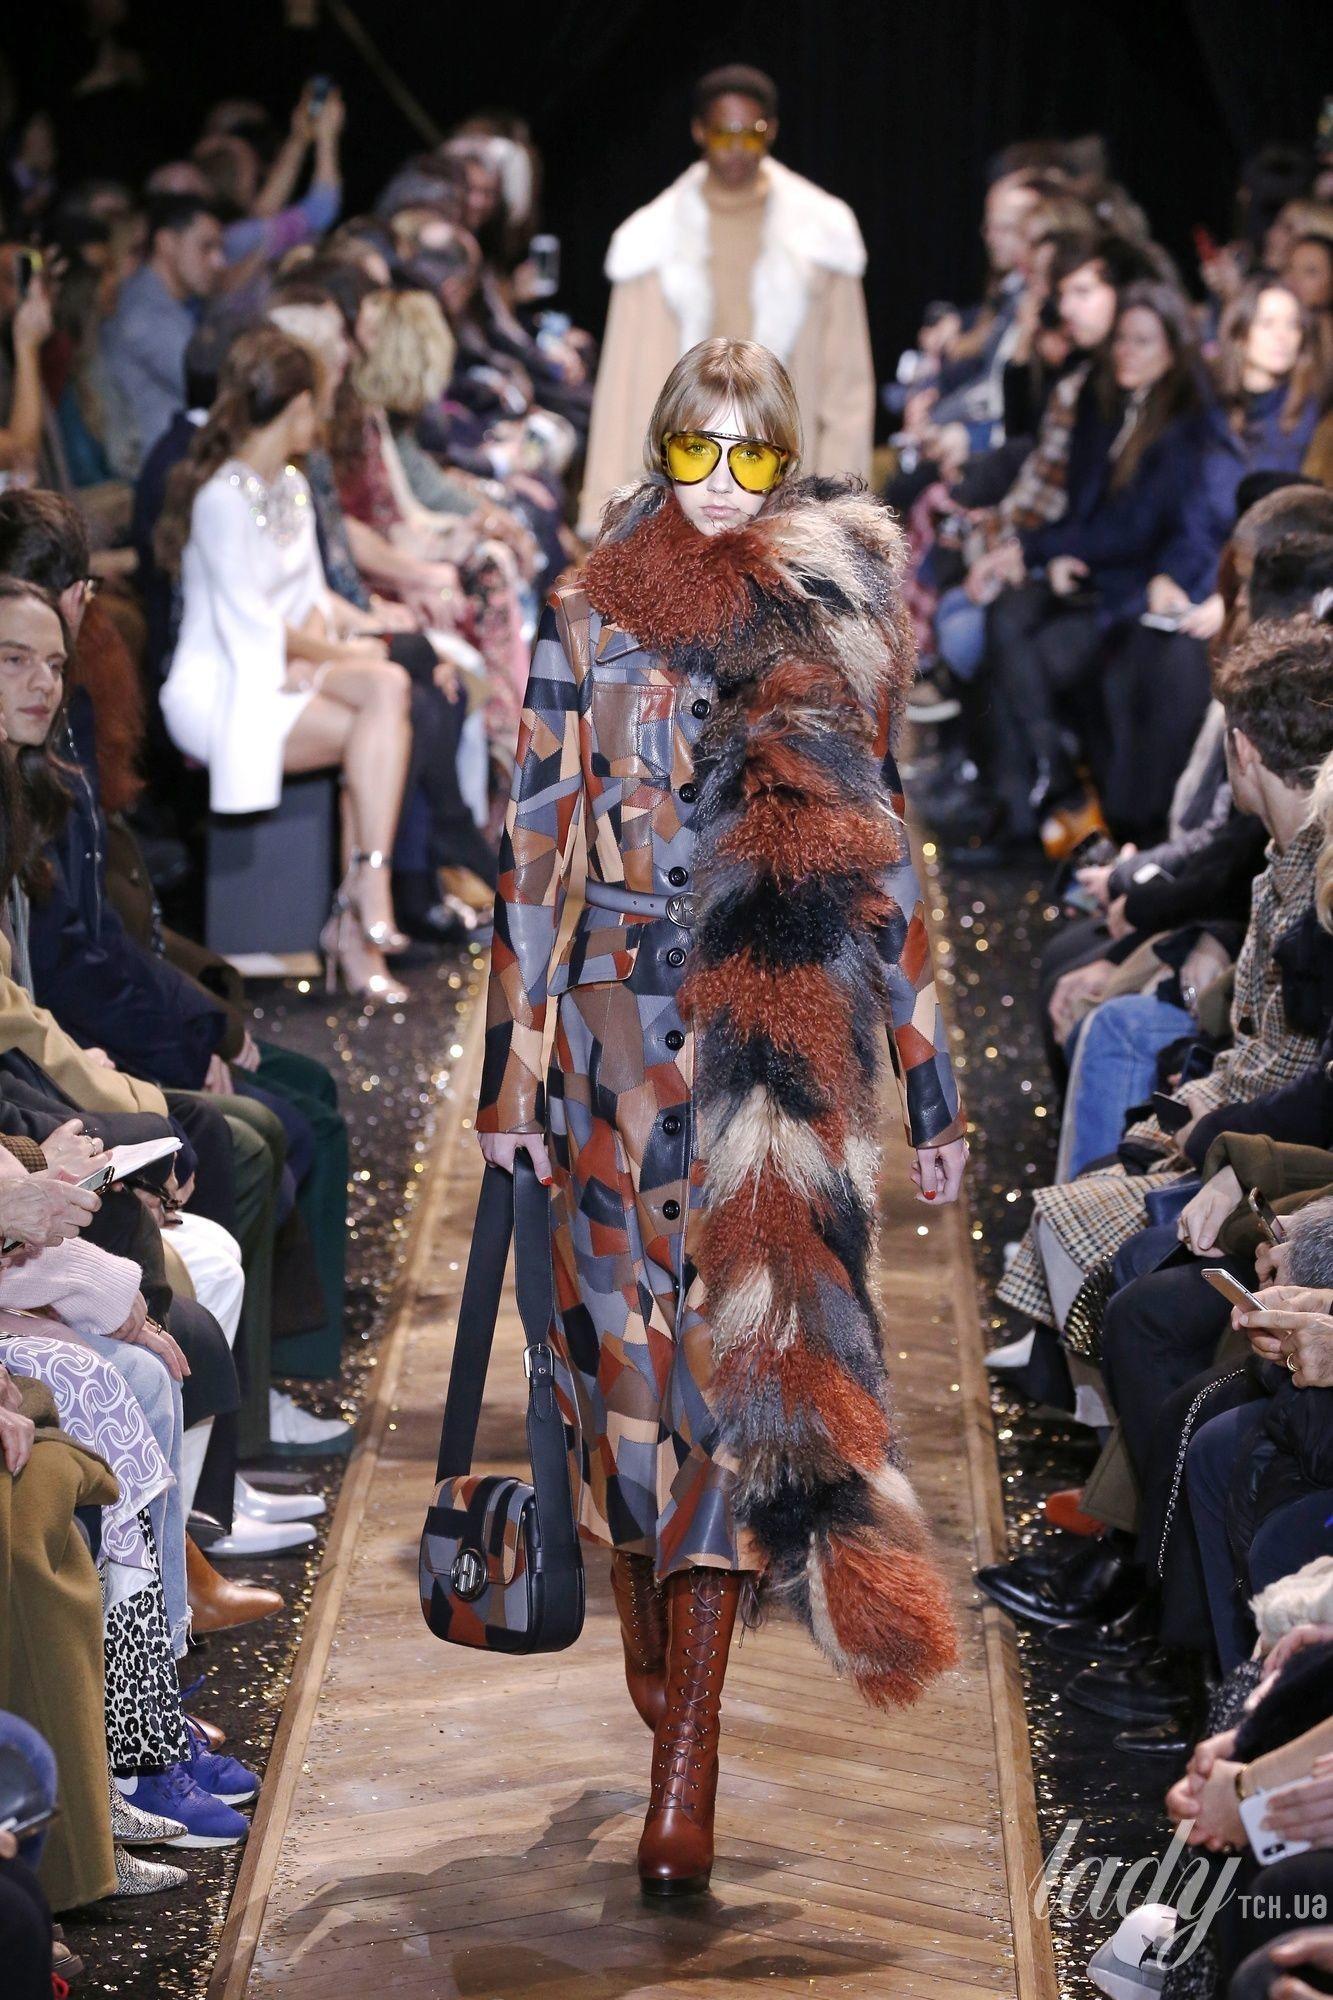 В моде элегантность 70-х: тенденции сезона осень-зима 2019-2029 мода,мода и красота,модные тенденции